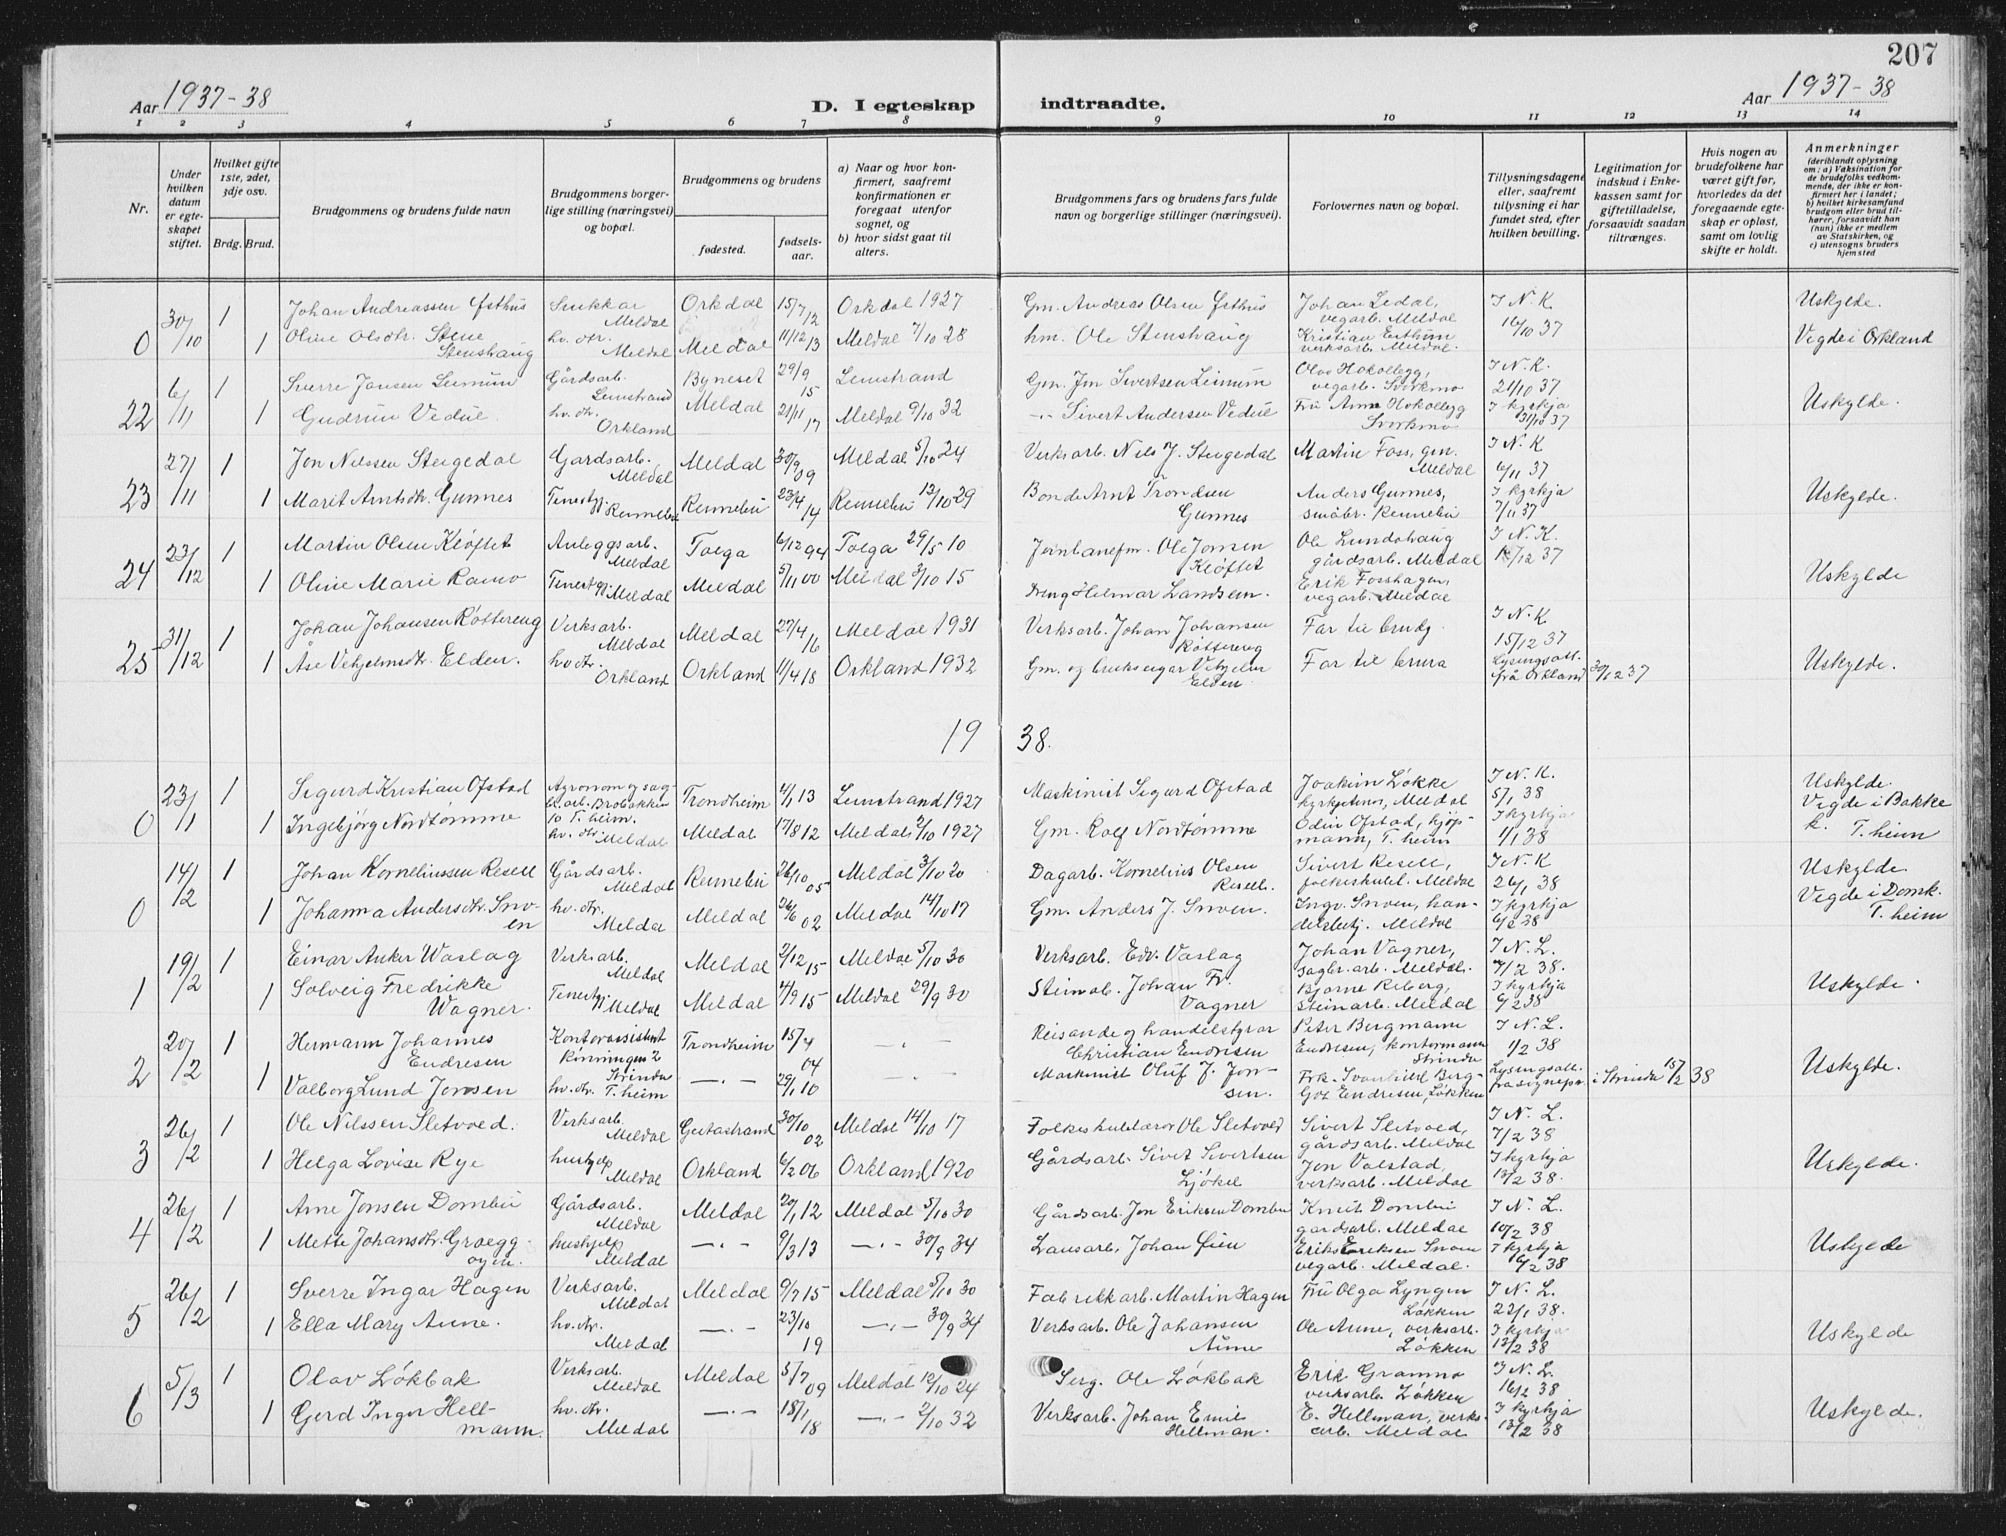 SAT, Ministerialprotokoller, klokkerbøker og fødselsregistre - Sør-Trøndelag, 672/L0866: Klokkerbok nr. 672C05, 1929-1939, s. 207